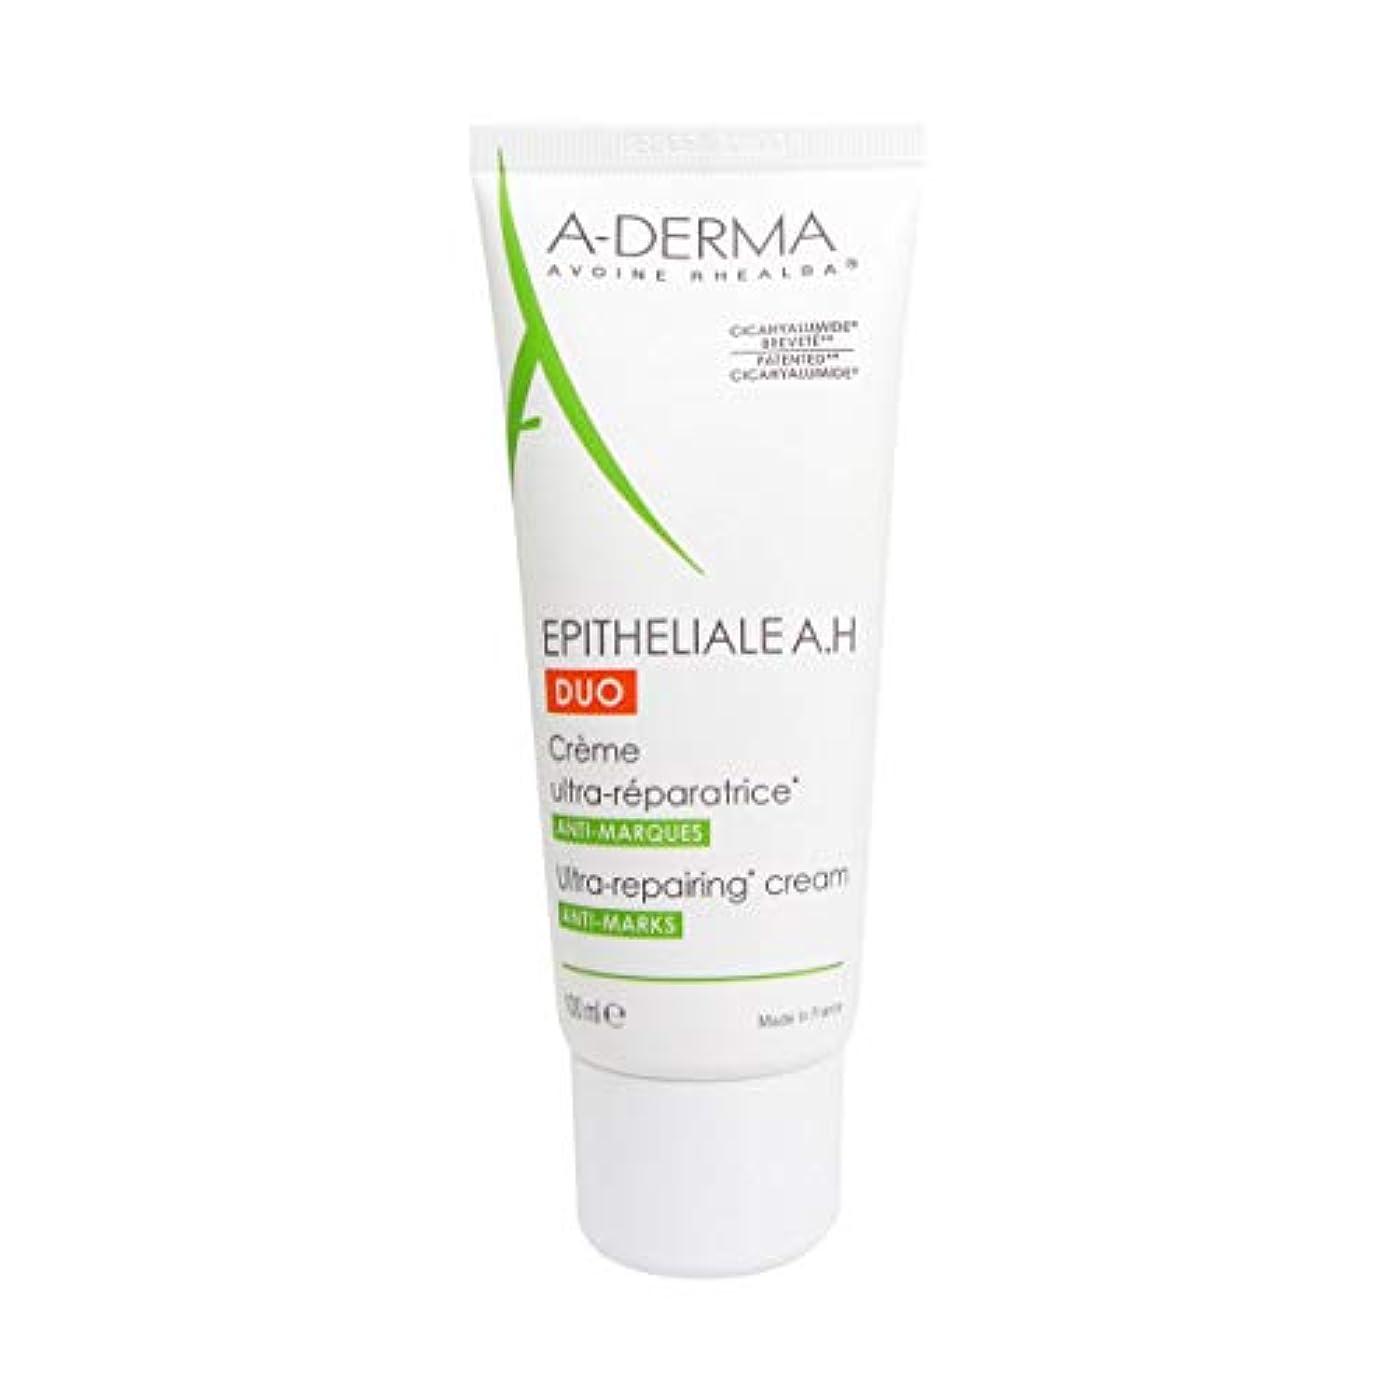 伝染性の住所スイッチA-derma Epitheliale A.h. Duo Ultra-repairing Cream 100ml [並行輸入品]